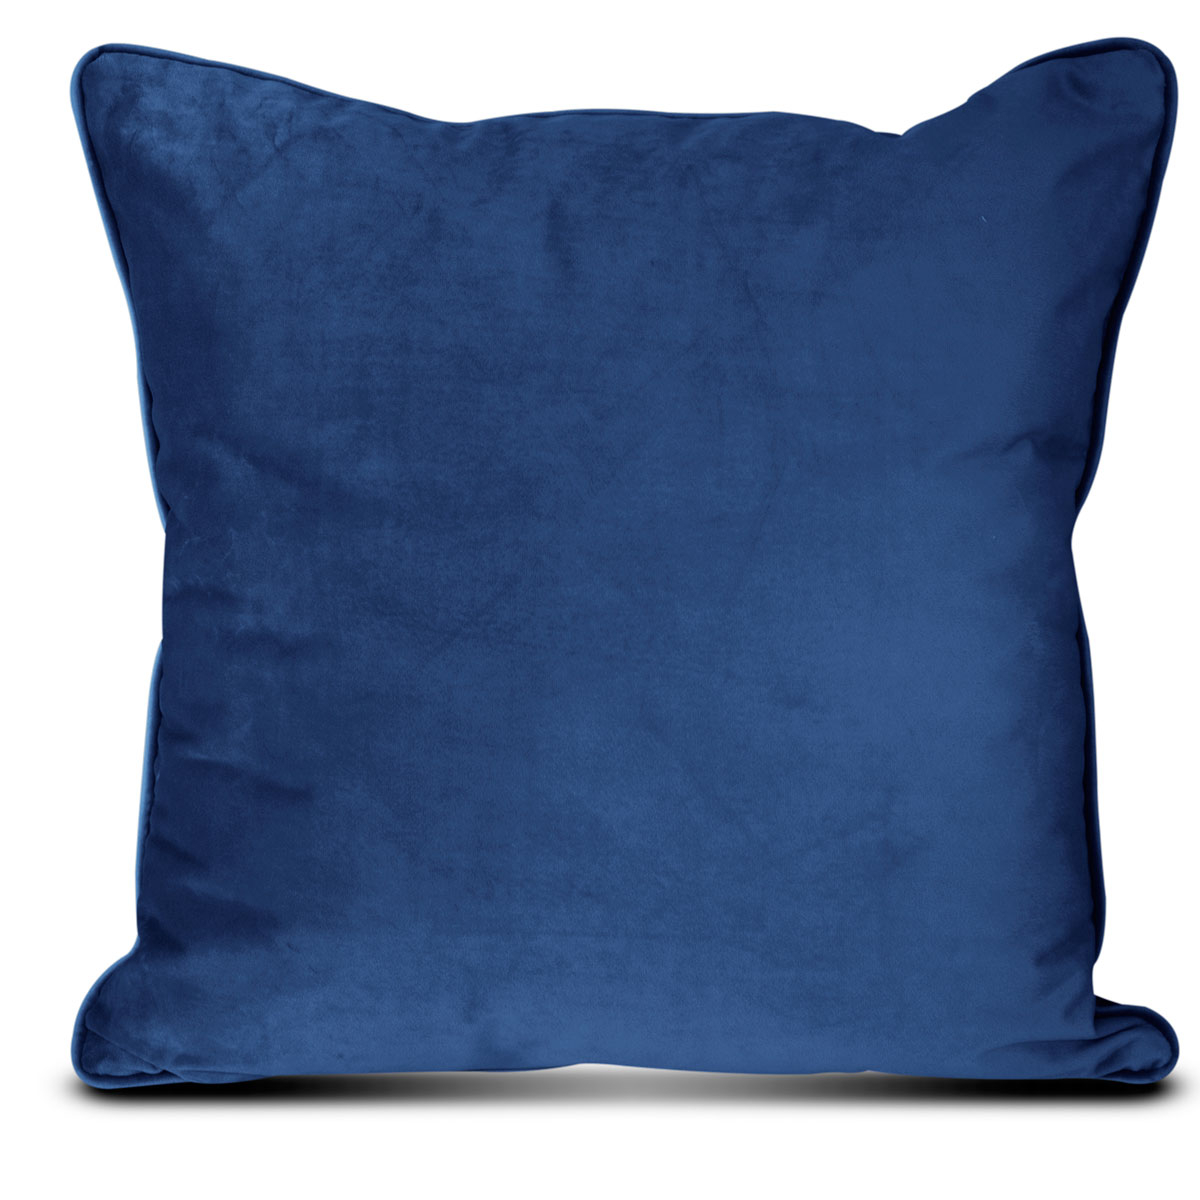 Διακοσμητικό Μαξιλάρι Βελούδινο (45×45) Elite Velour Blue